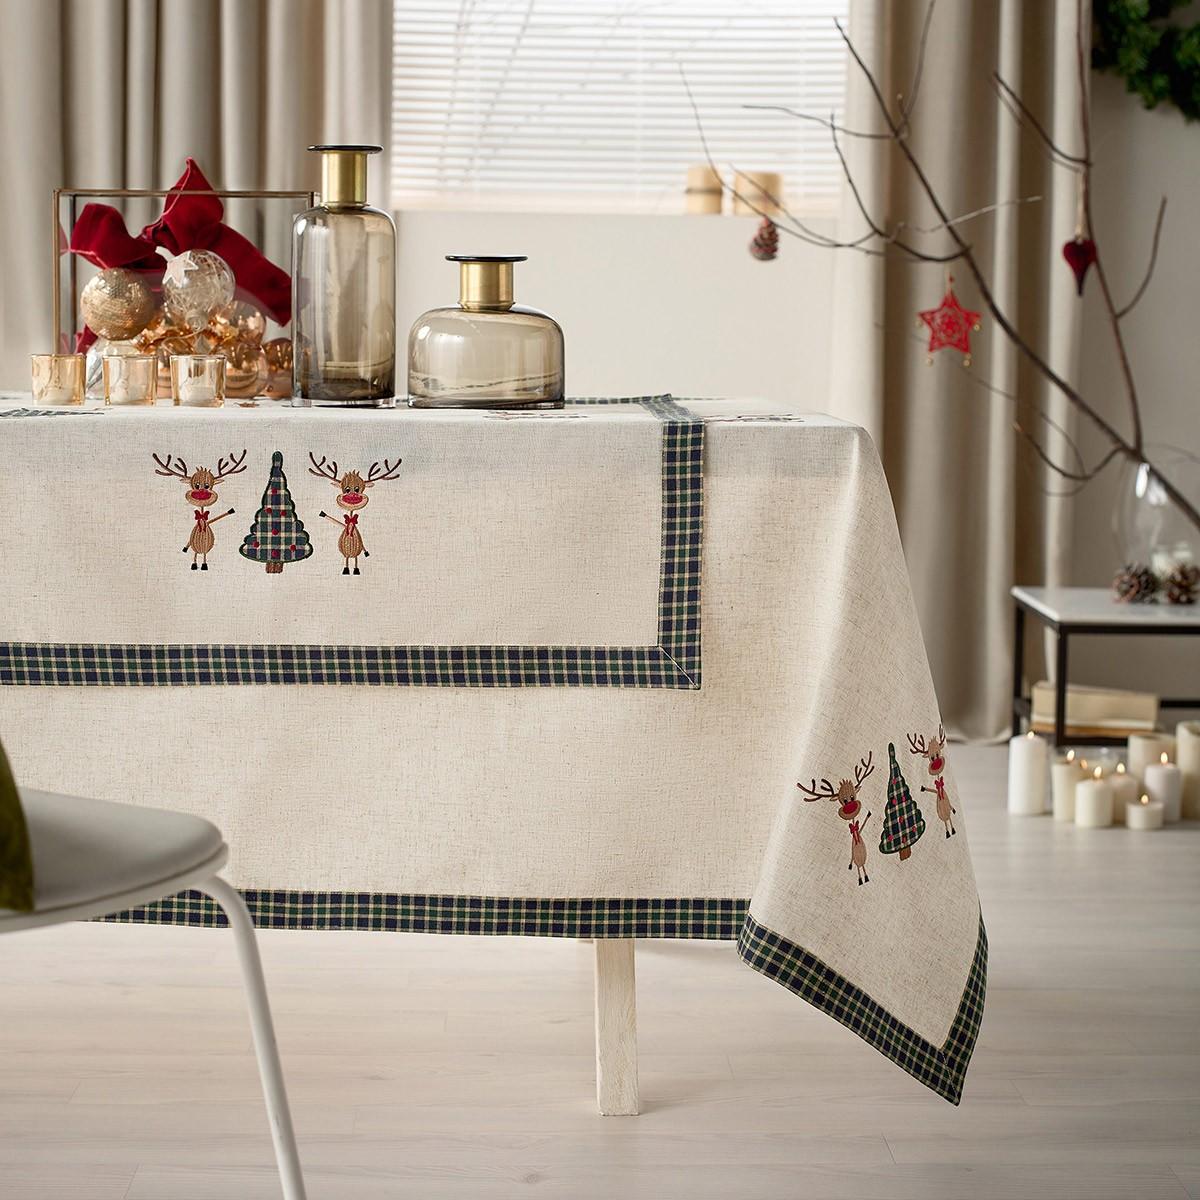 Χριστουγεννιάτικο Τραπεζομάντηλο (135×135) Gofis Home 273